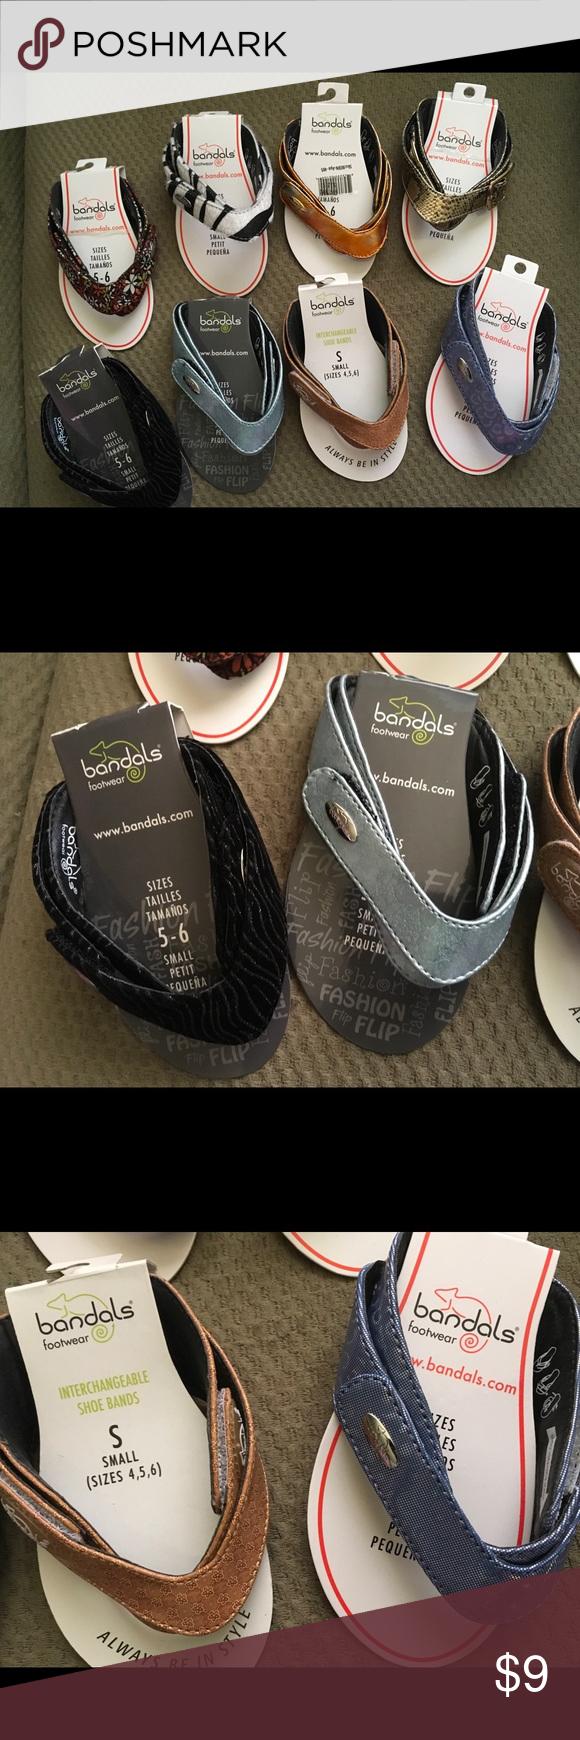 """0adcf0d4df5 Lot 8 Bandals Footwear Flip Flop Sandal Straps """"NEW"""" Lot 8 Bandals Footwear  Flip Flop Sandal Straps Bandals Shoes Sandals"""